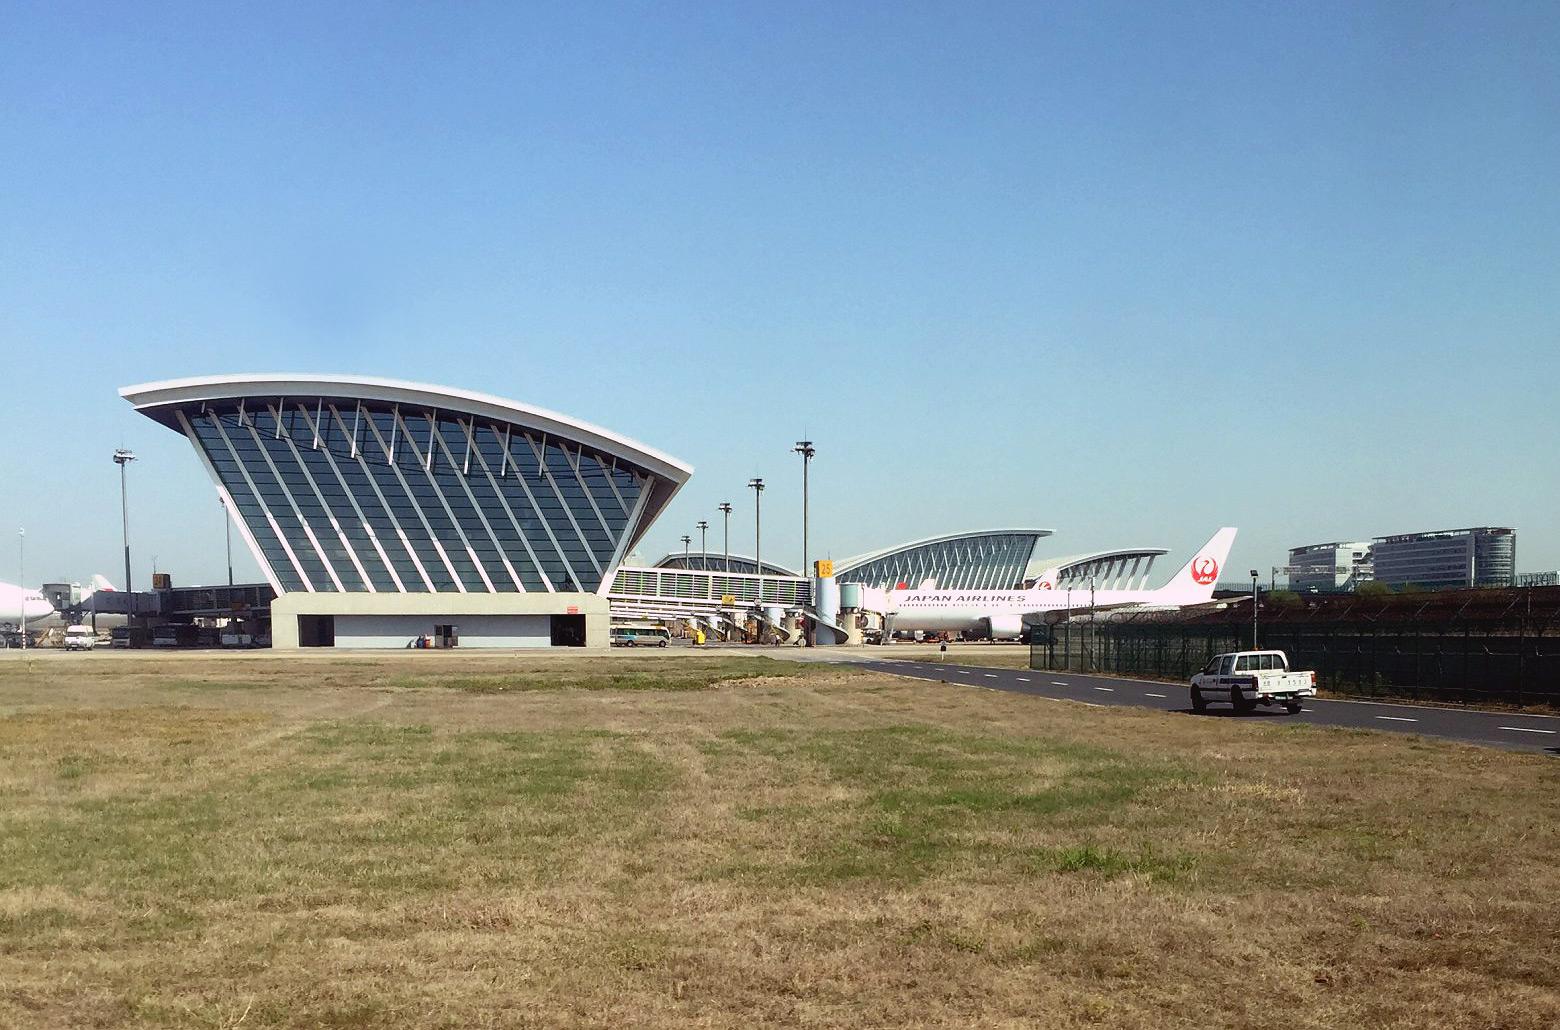 Пассажирский терминал аэропорта Шанхай Пудун